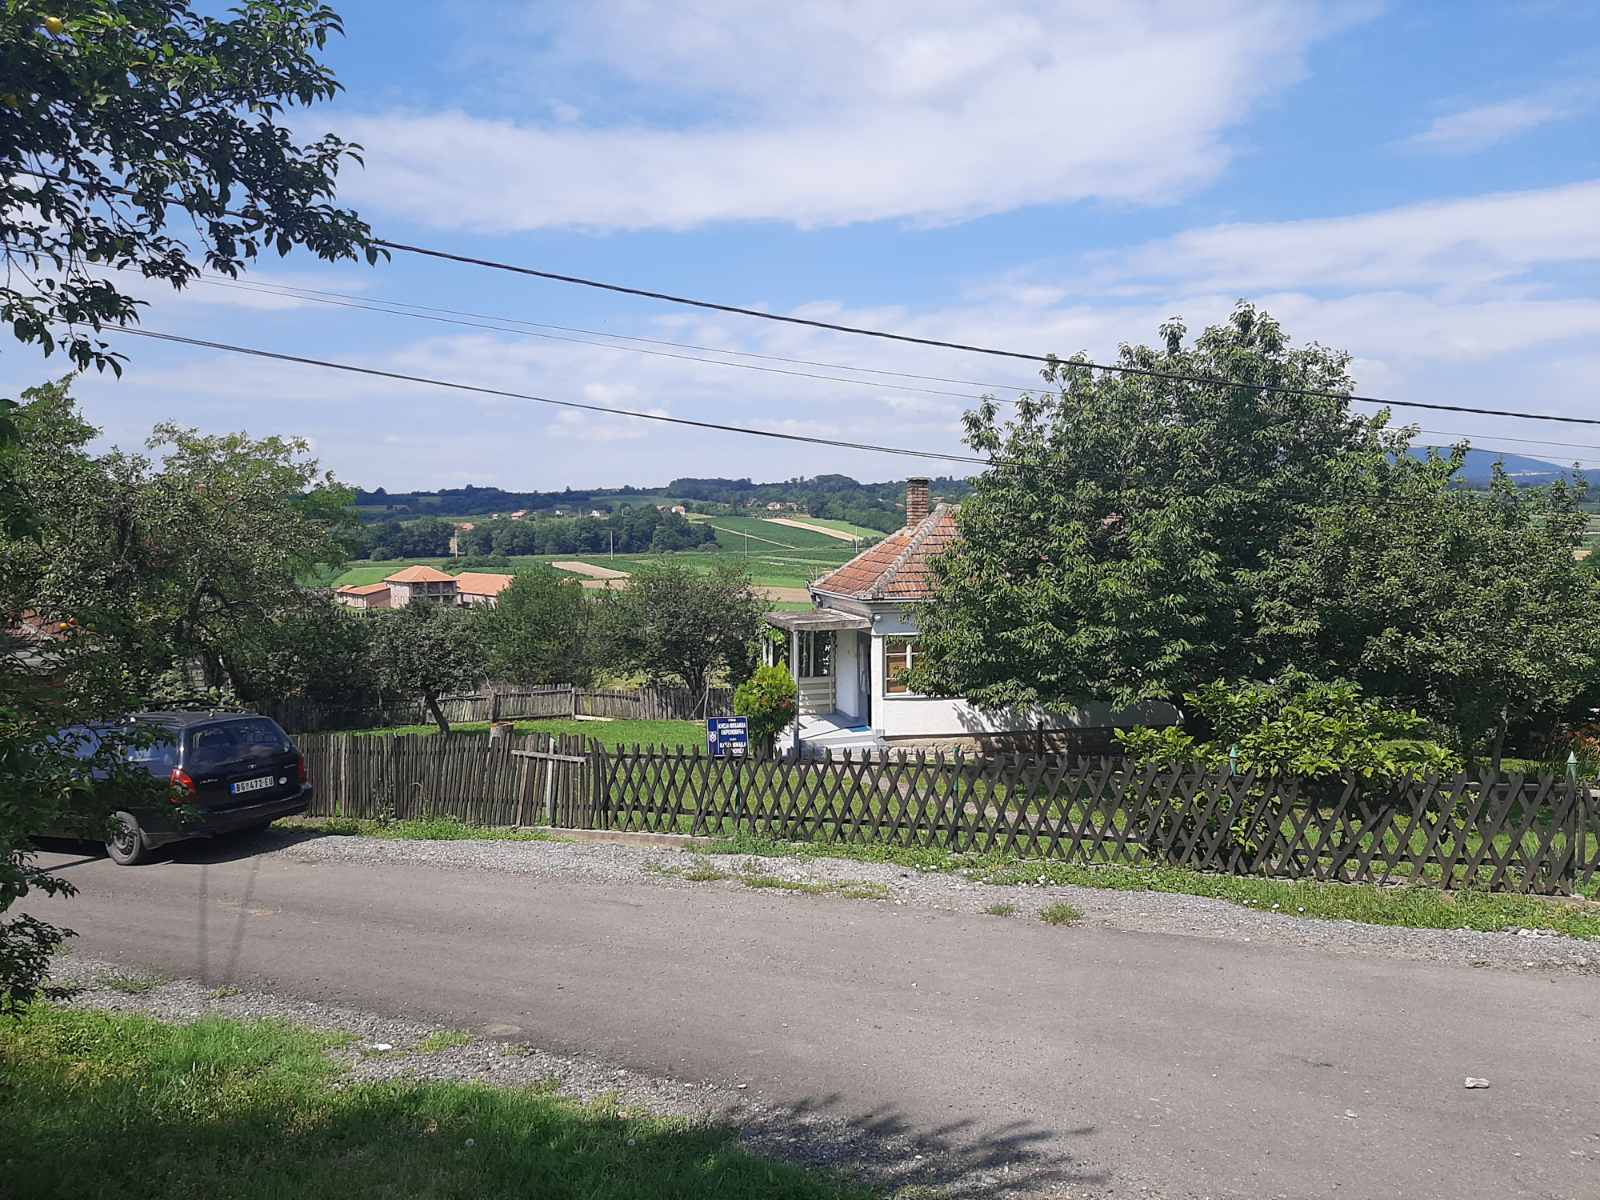 Prodajem kucu u Mladenovcu 92m2 11 55ari placa